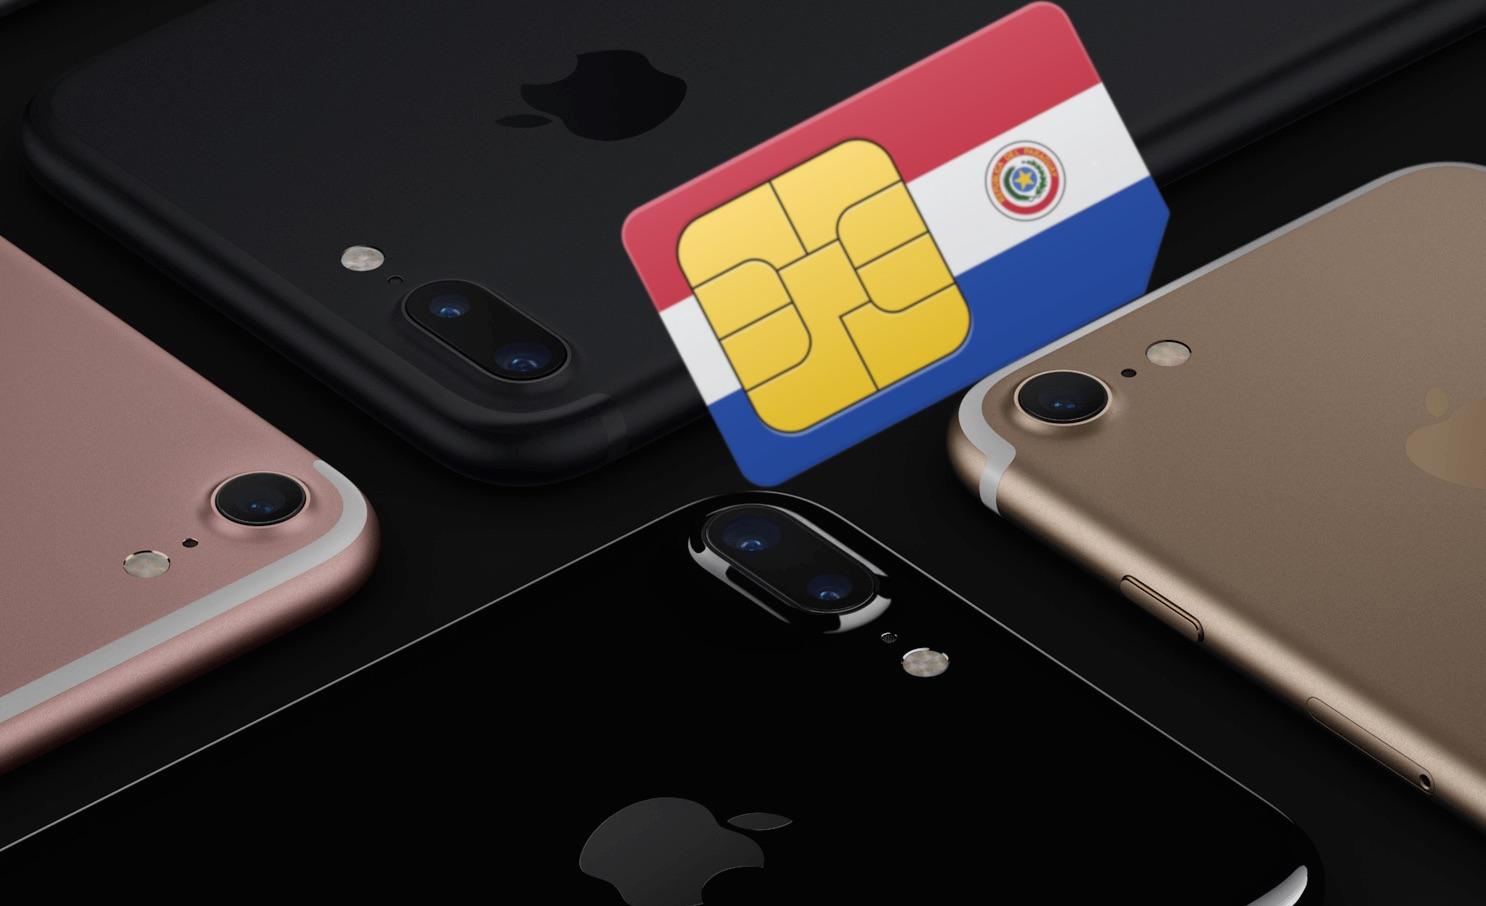 63e67b39d Comprar iPhone no Paraguai: O Guia Definitivo - Blog do Compras Paraguai